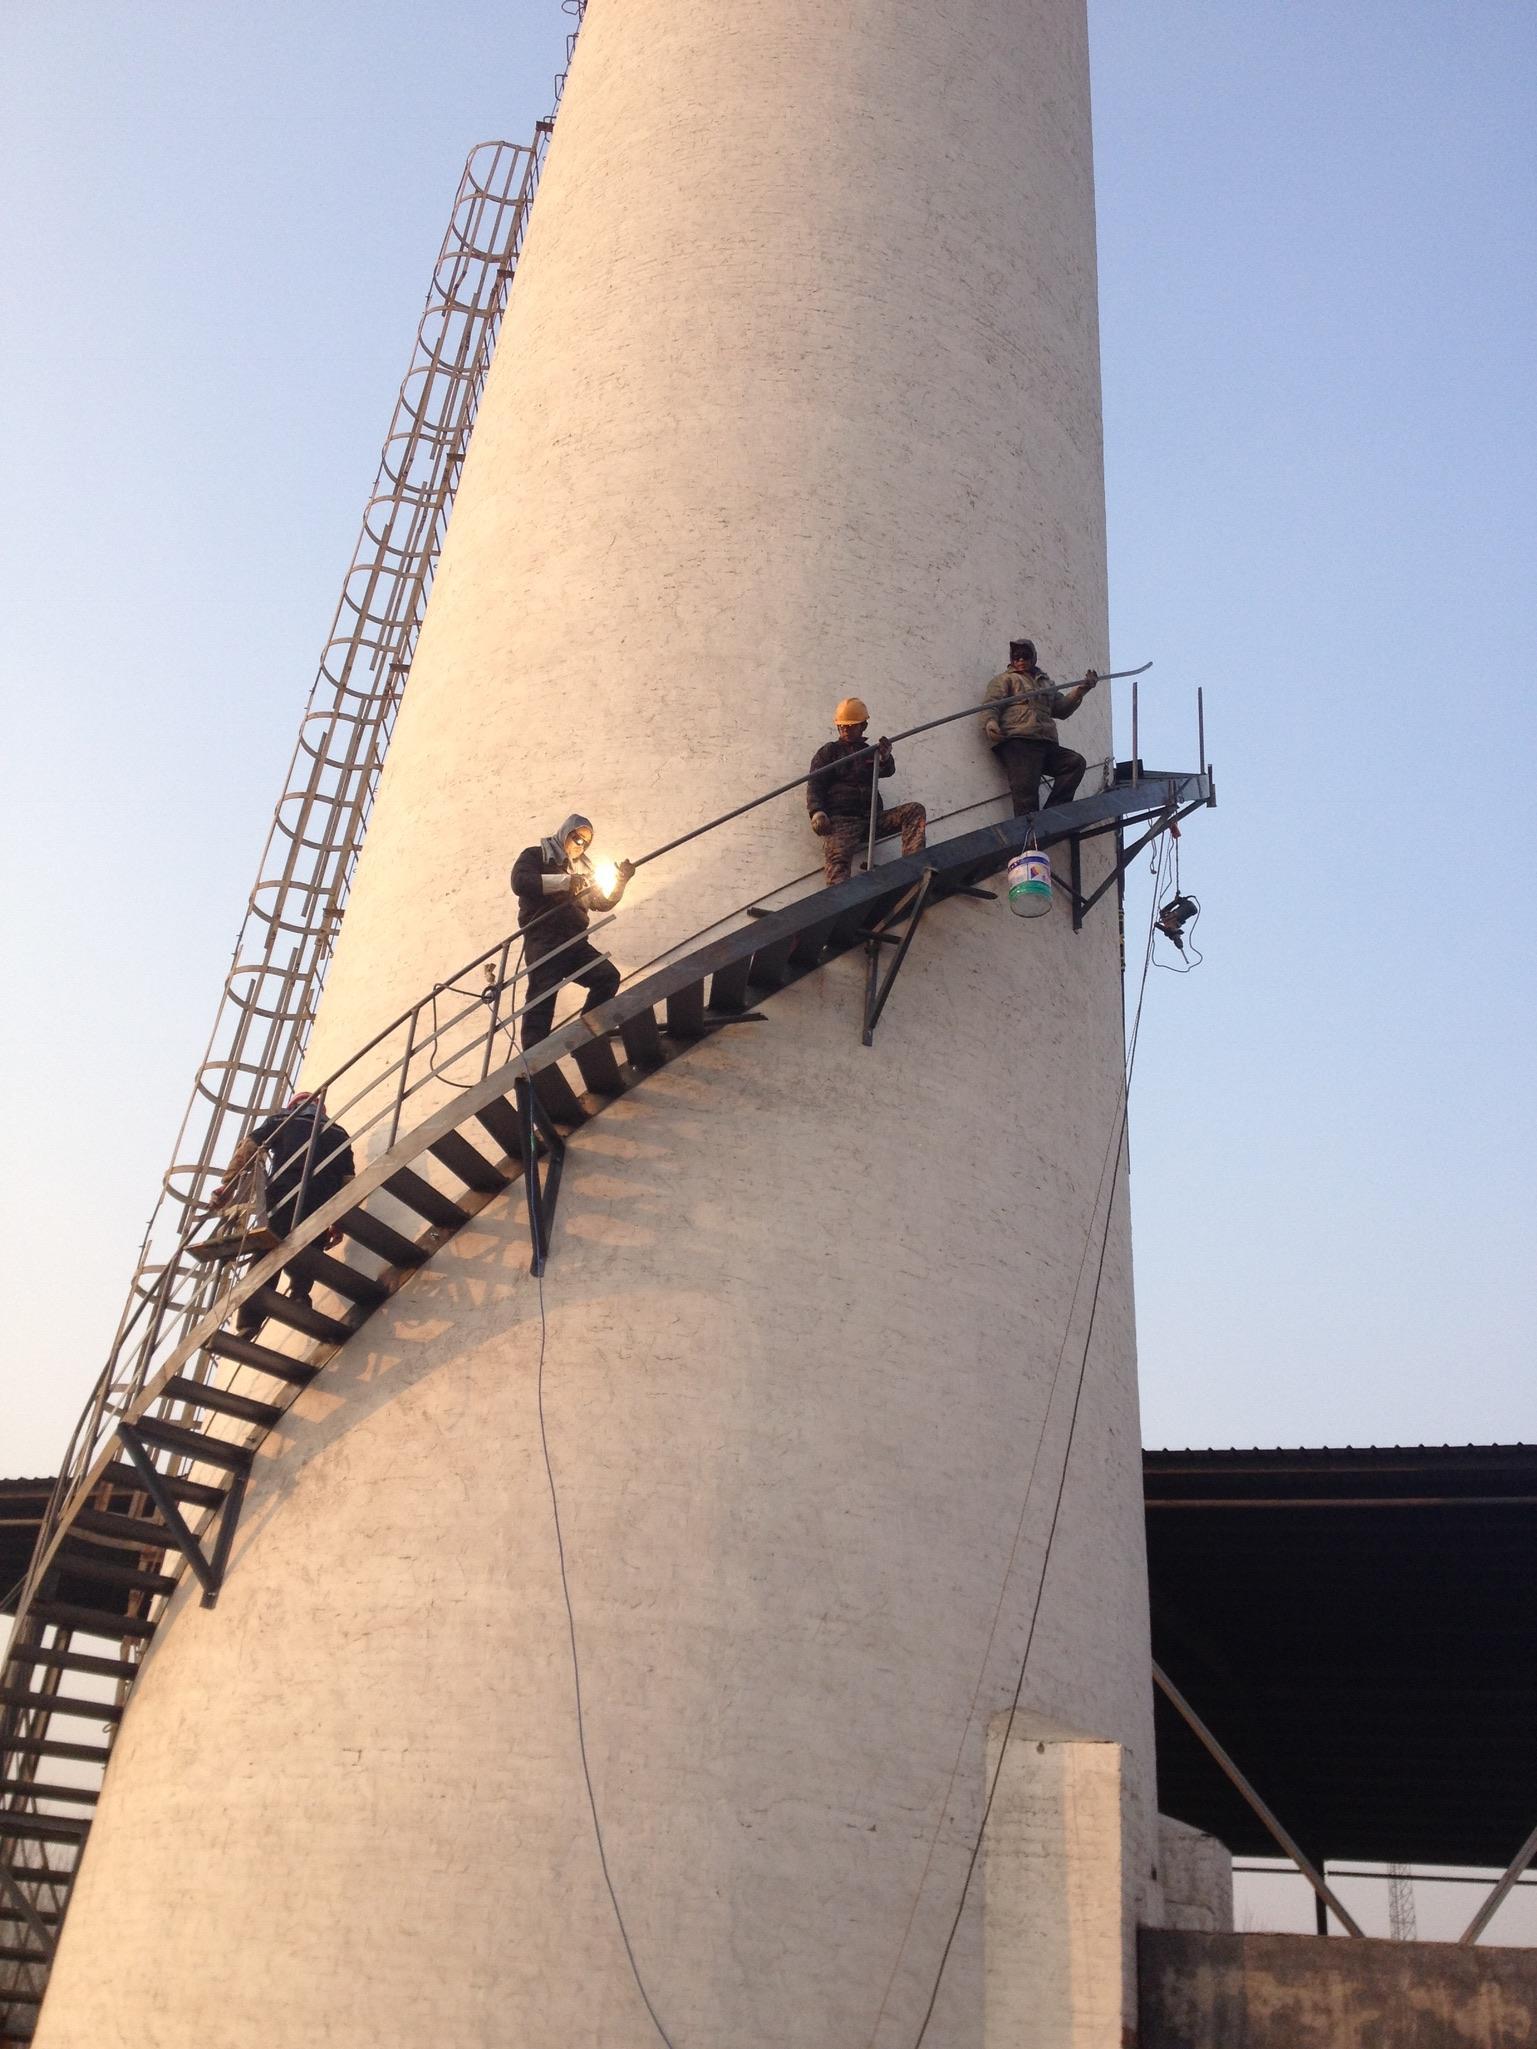 砖烟囱安装航标灯_烟囱安装转梯平台专业公司_CO土木在线